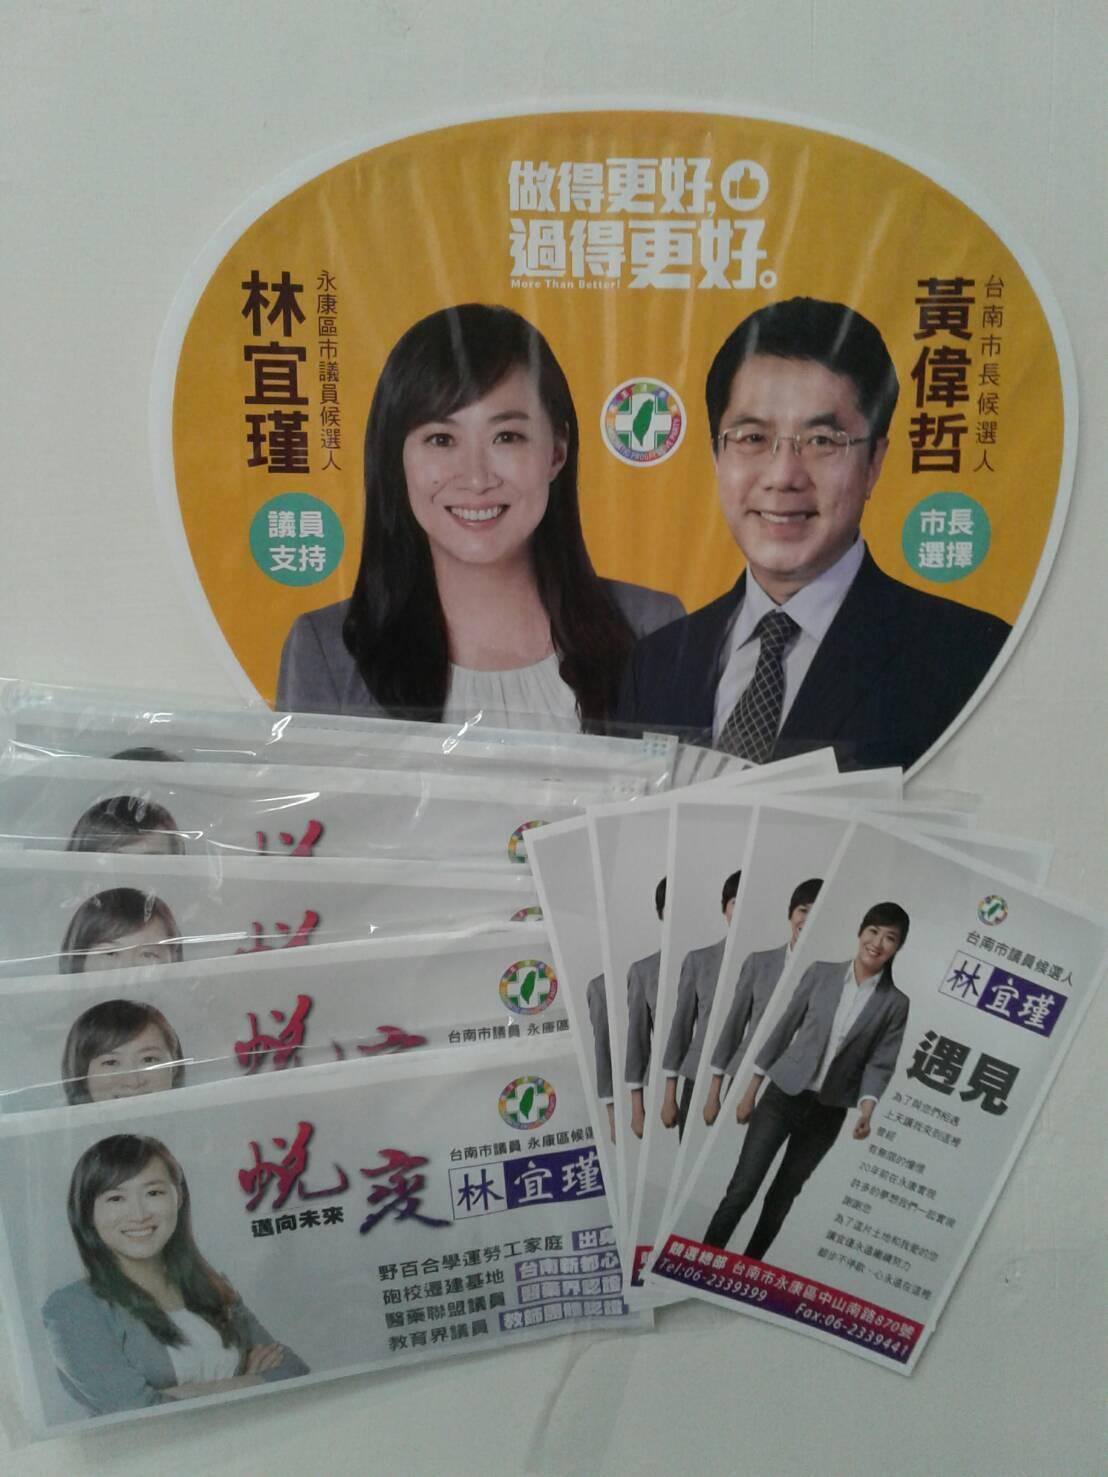 爭取連任的南市議員林宜瑾則發送實用衛生紙,盼能獲得選民支持。圖/林宜瑾提供